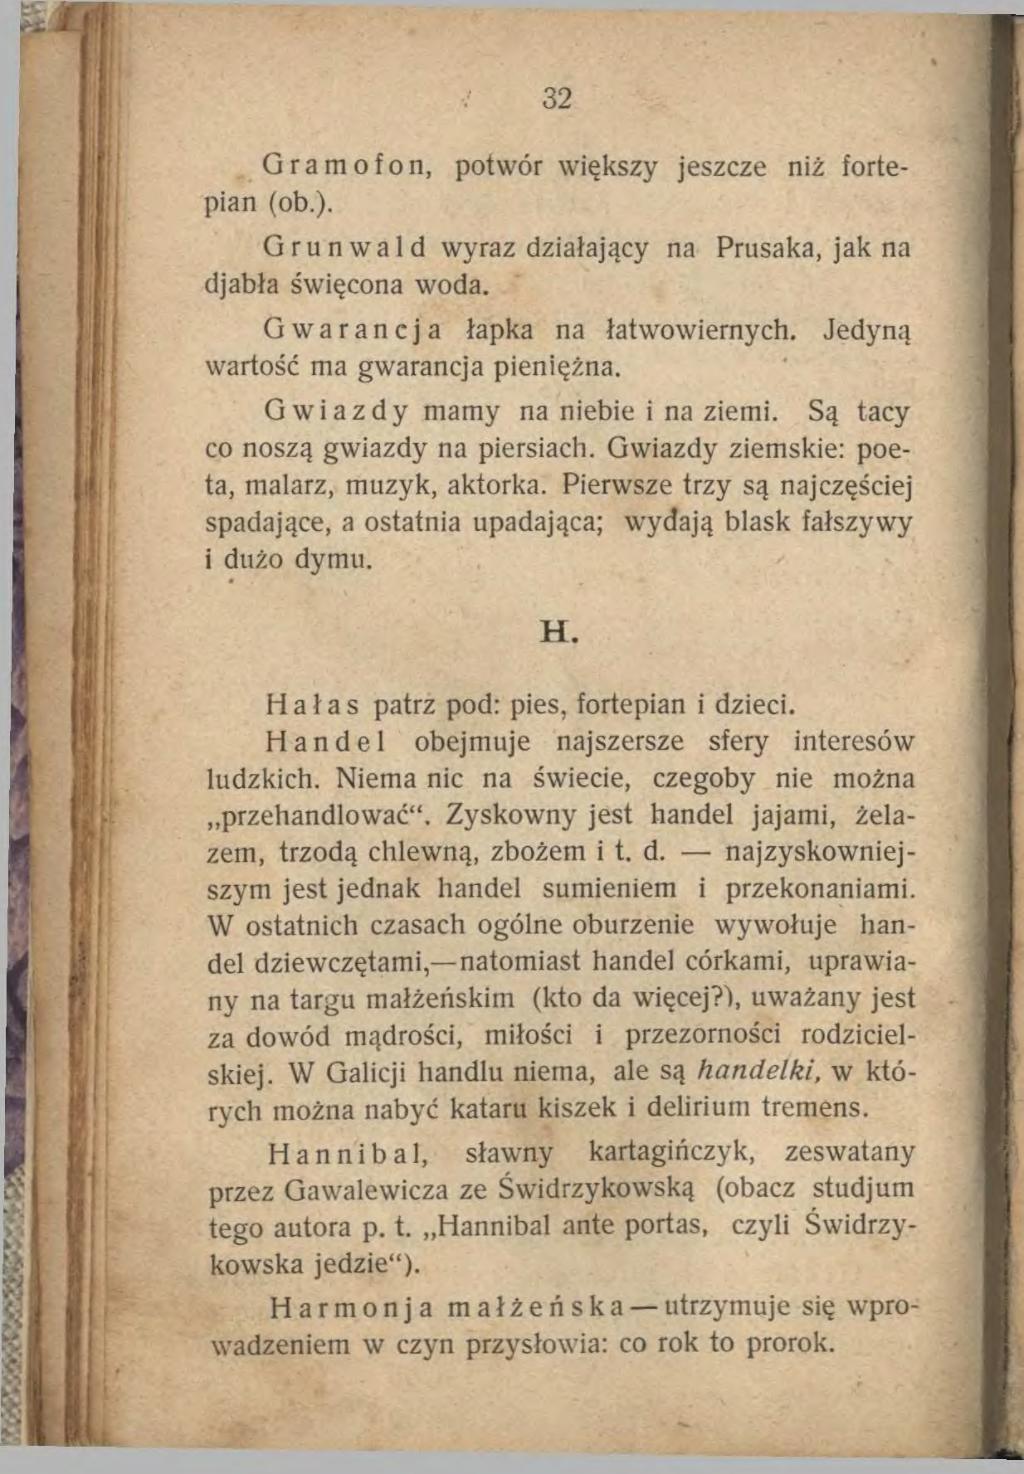 Stronakazimierz Bartoszewicz Słownik Prawdy I Zdrowego